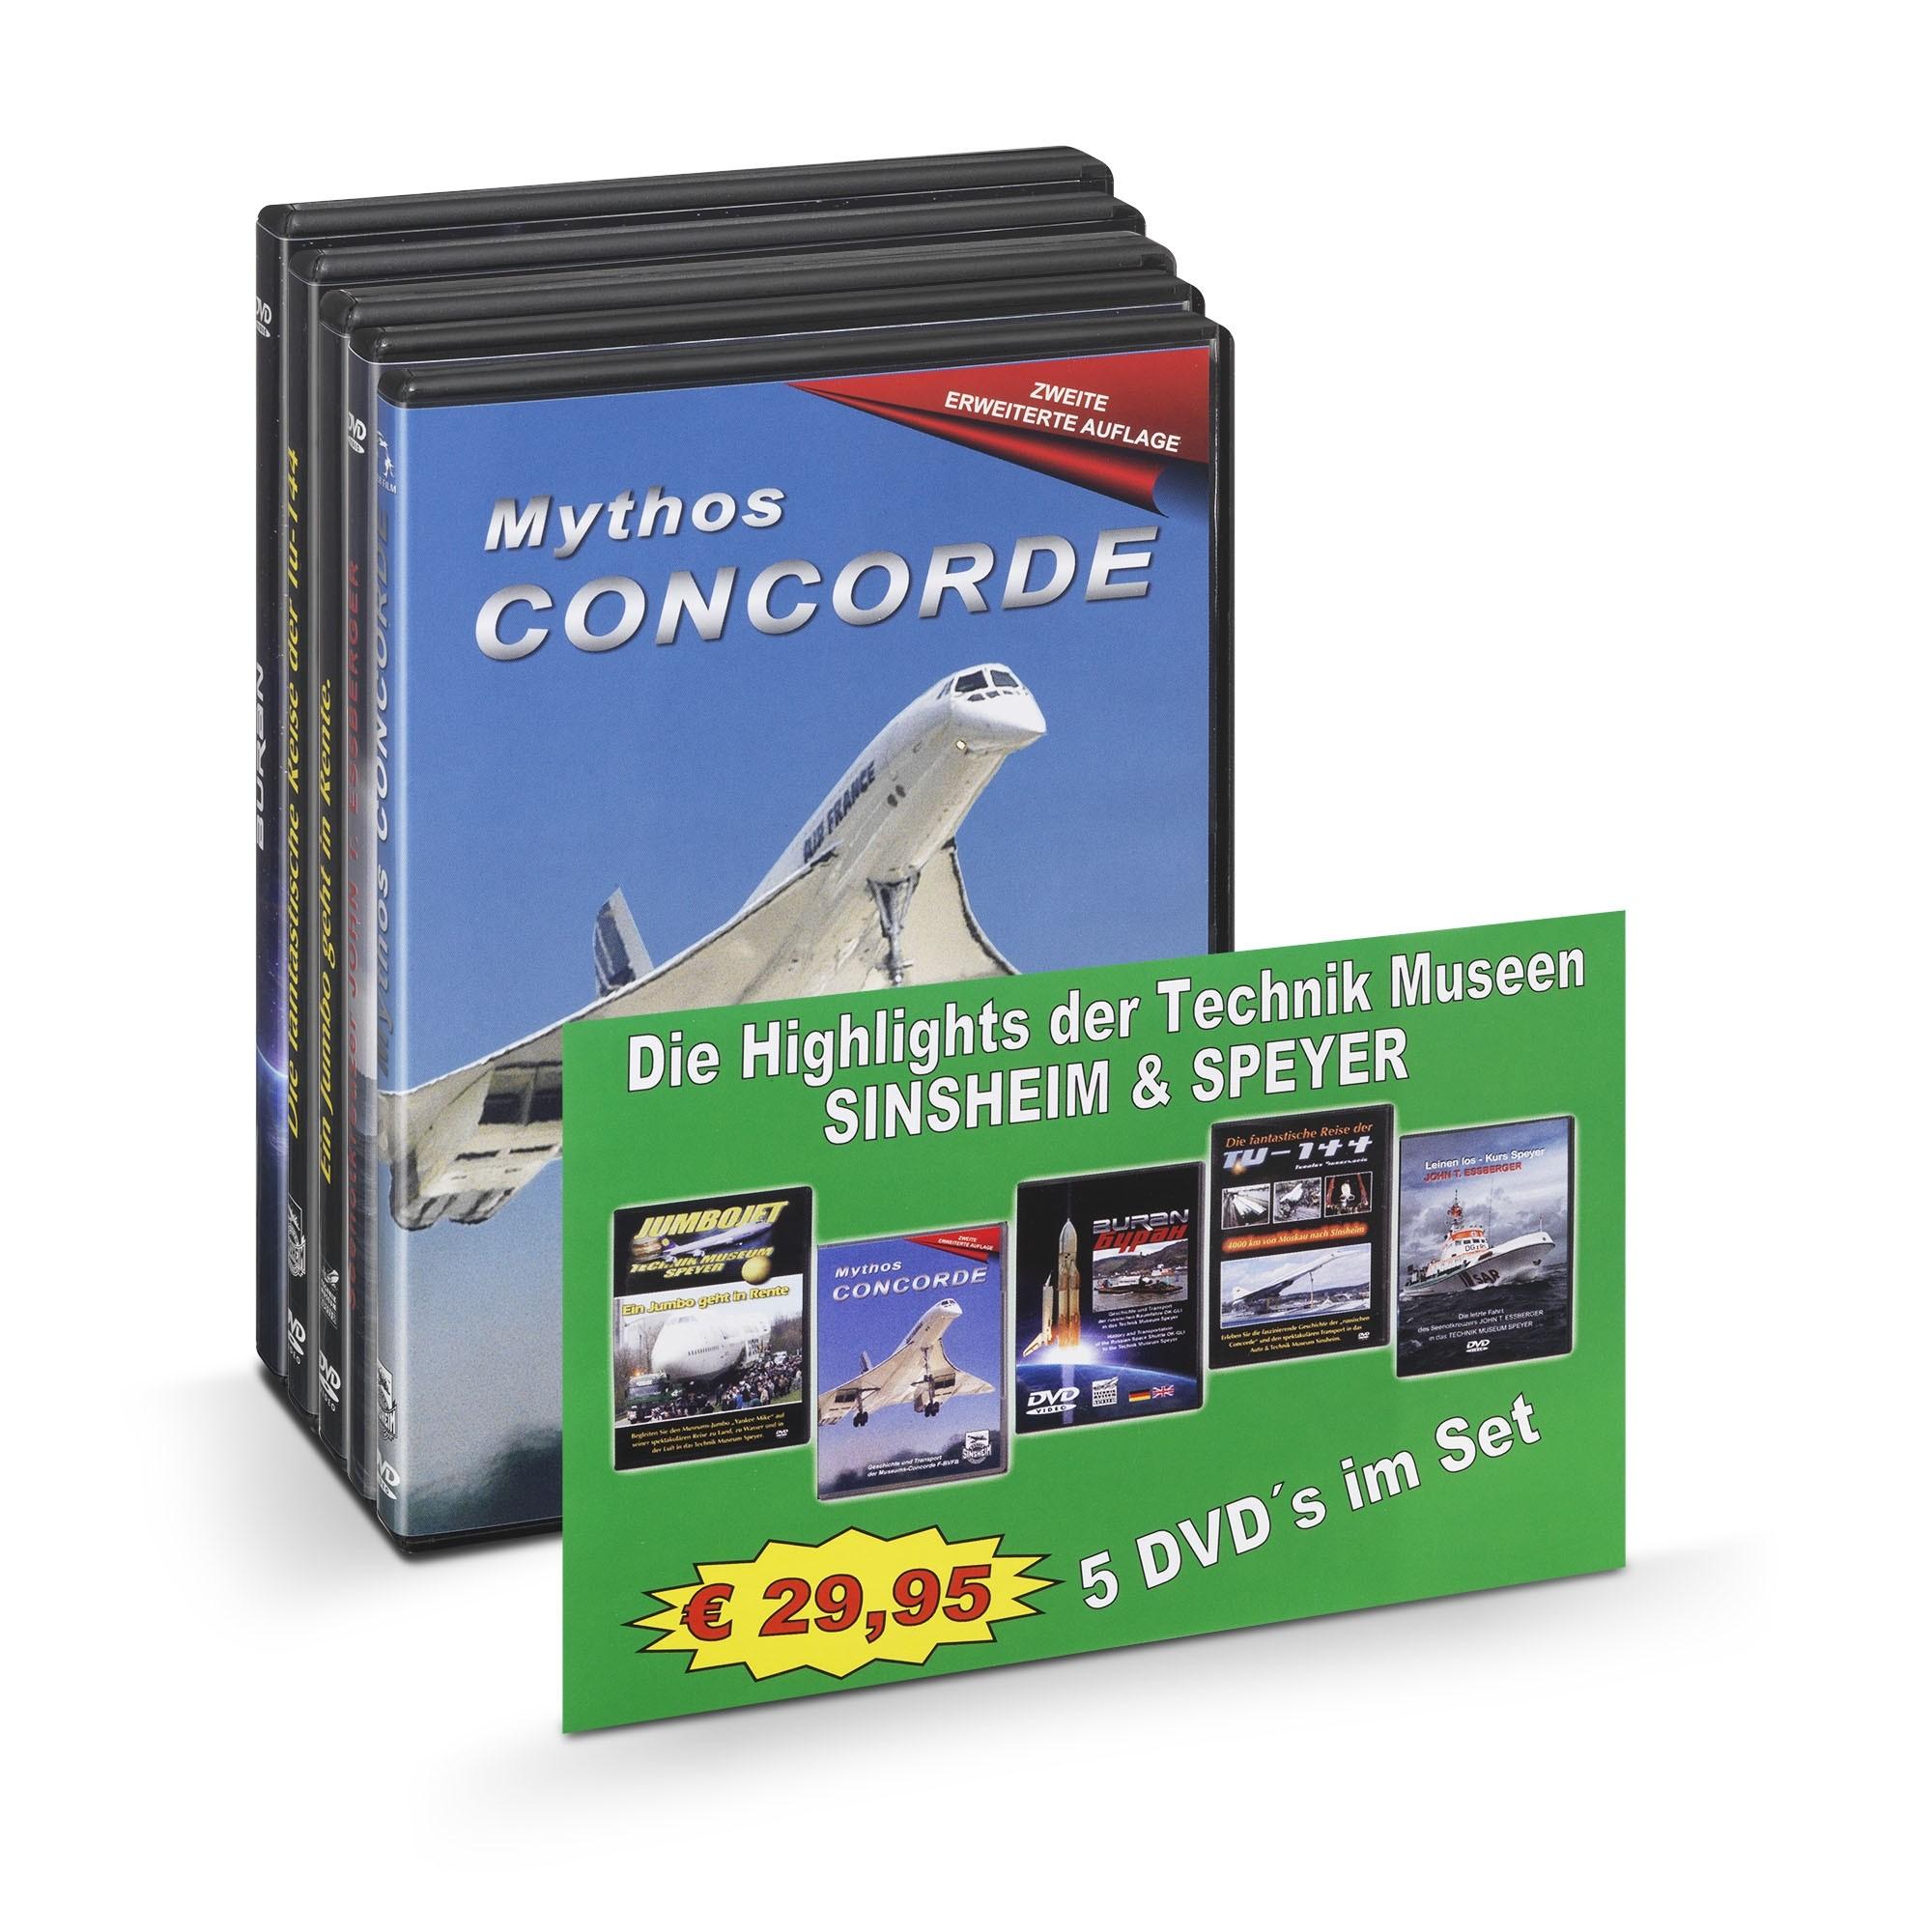 DVD: 5er Pack